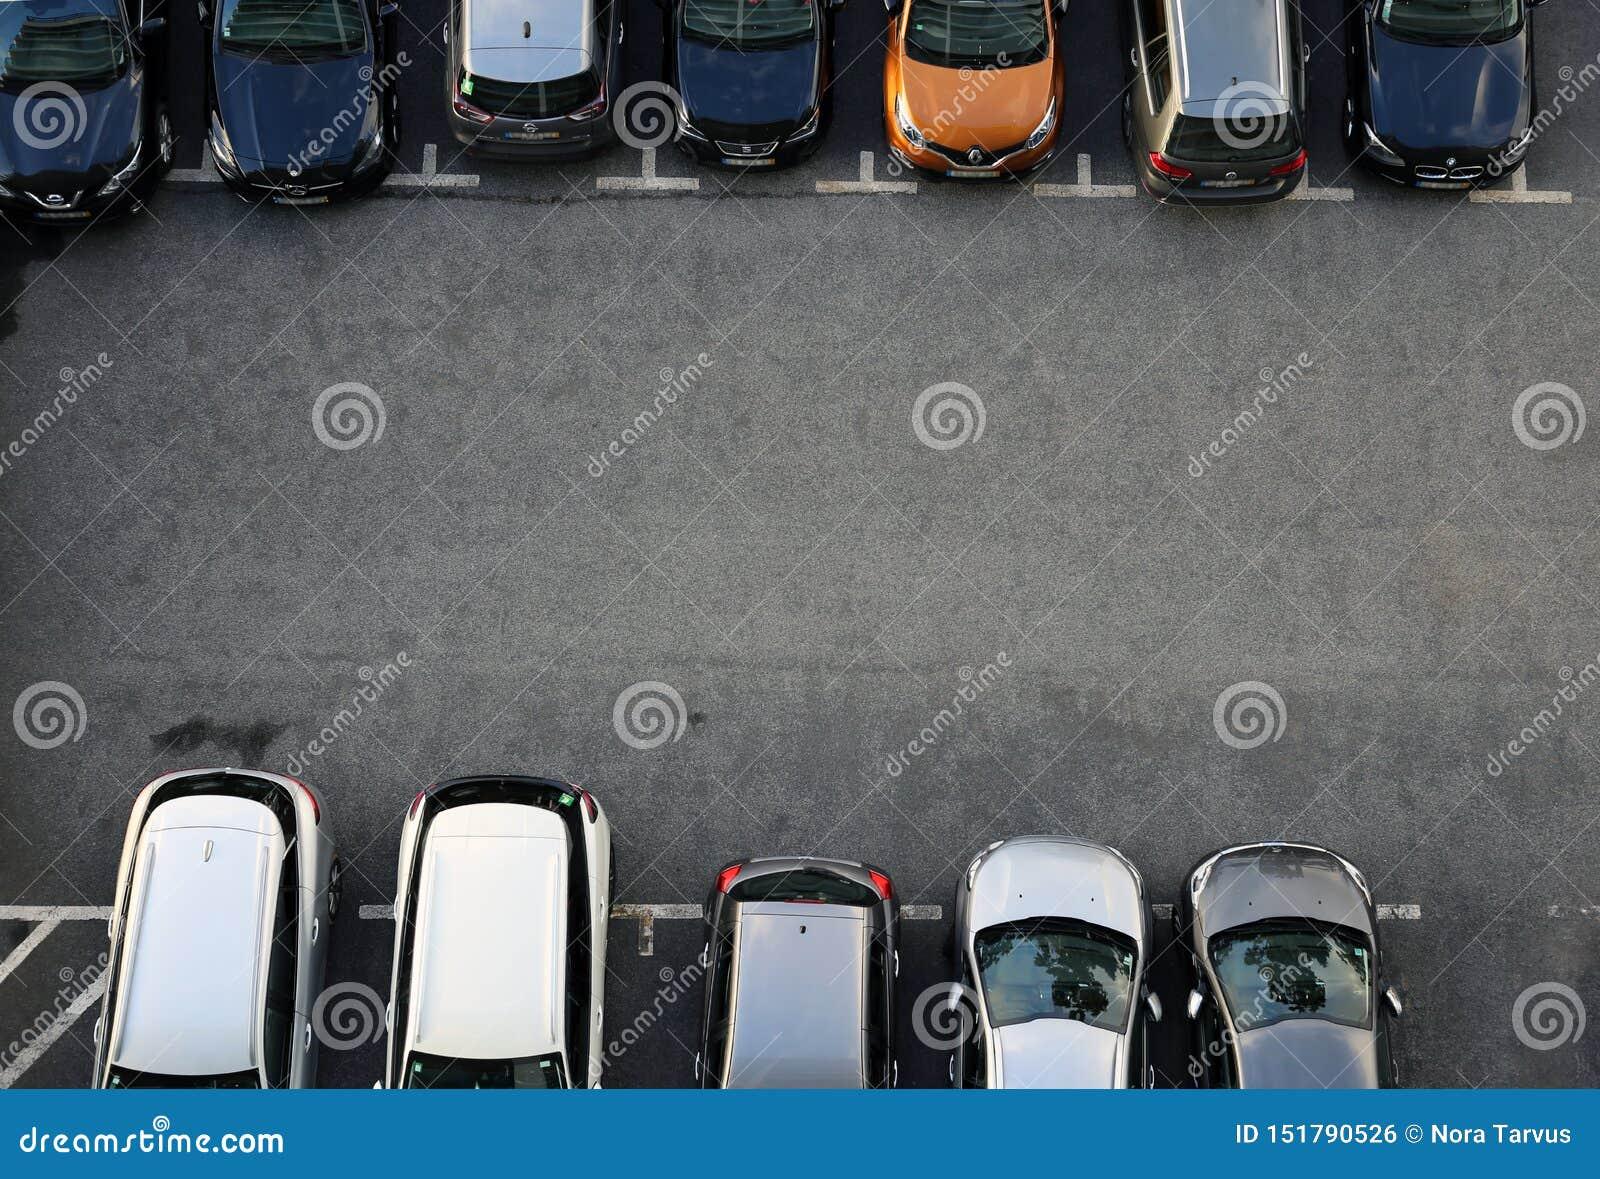 Ideia aérea de um lugar de estacionamento completo de carros diferentes